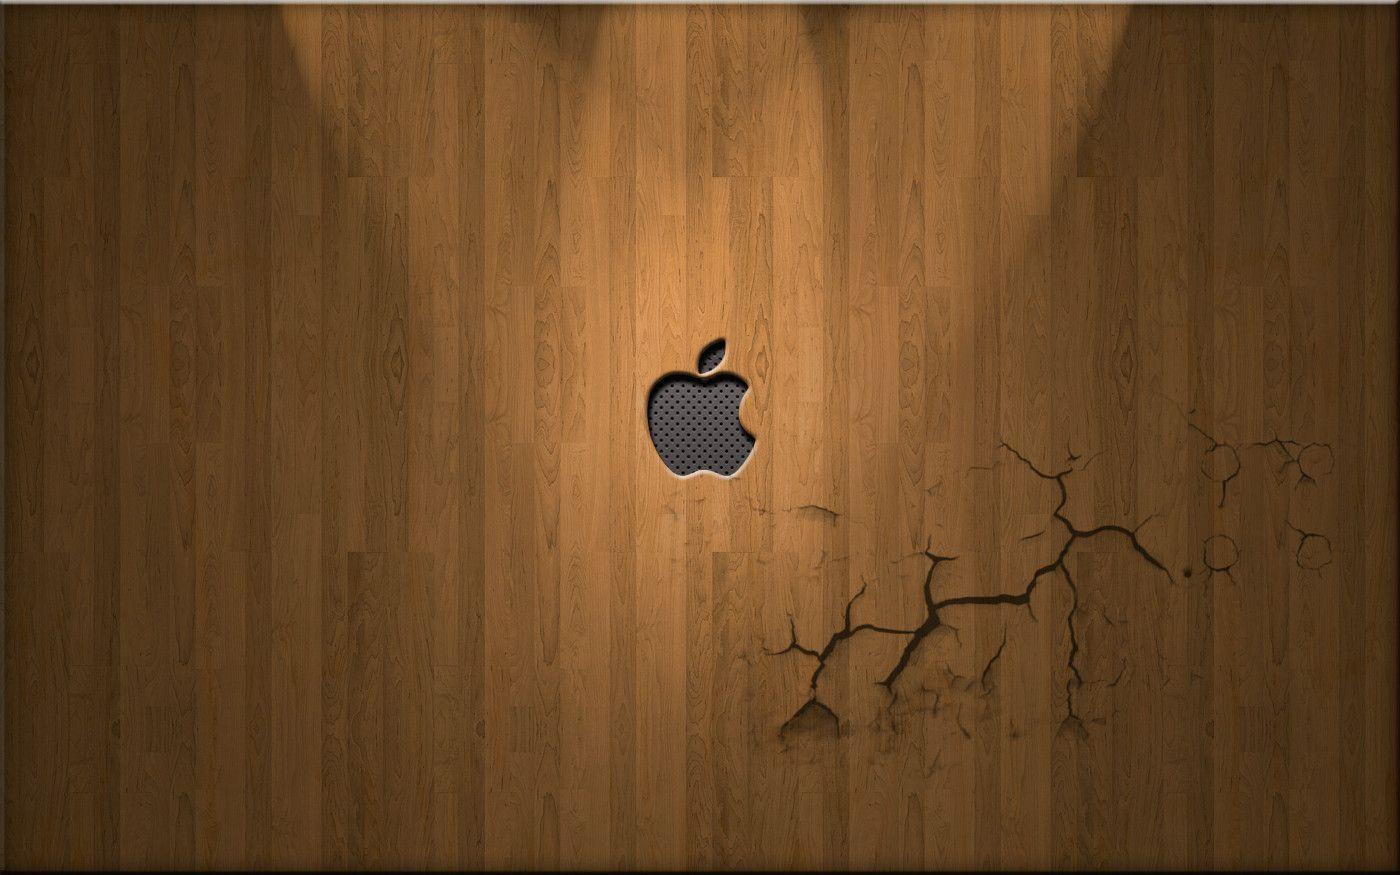 wood wallpapers desktop - wallpaper cave | best games wallpapers